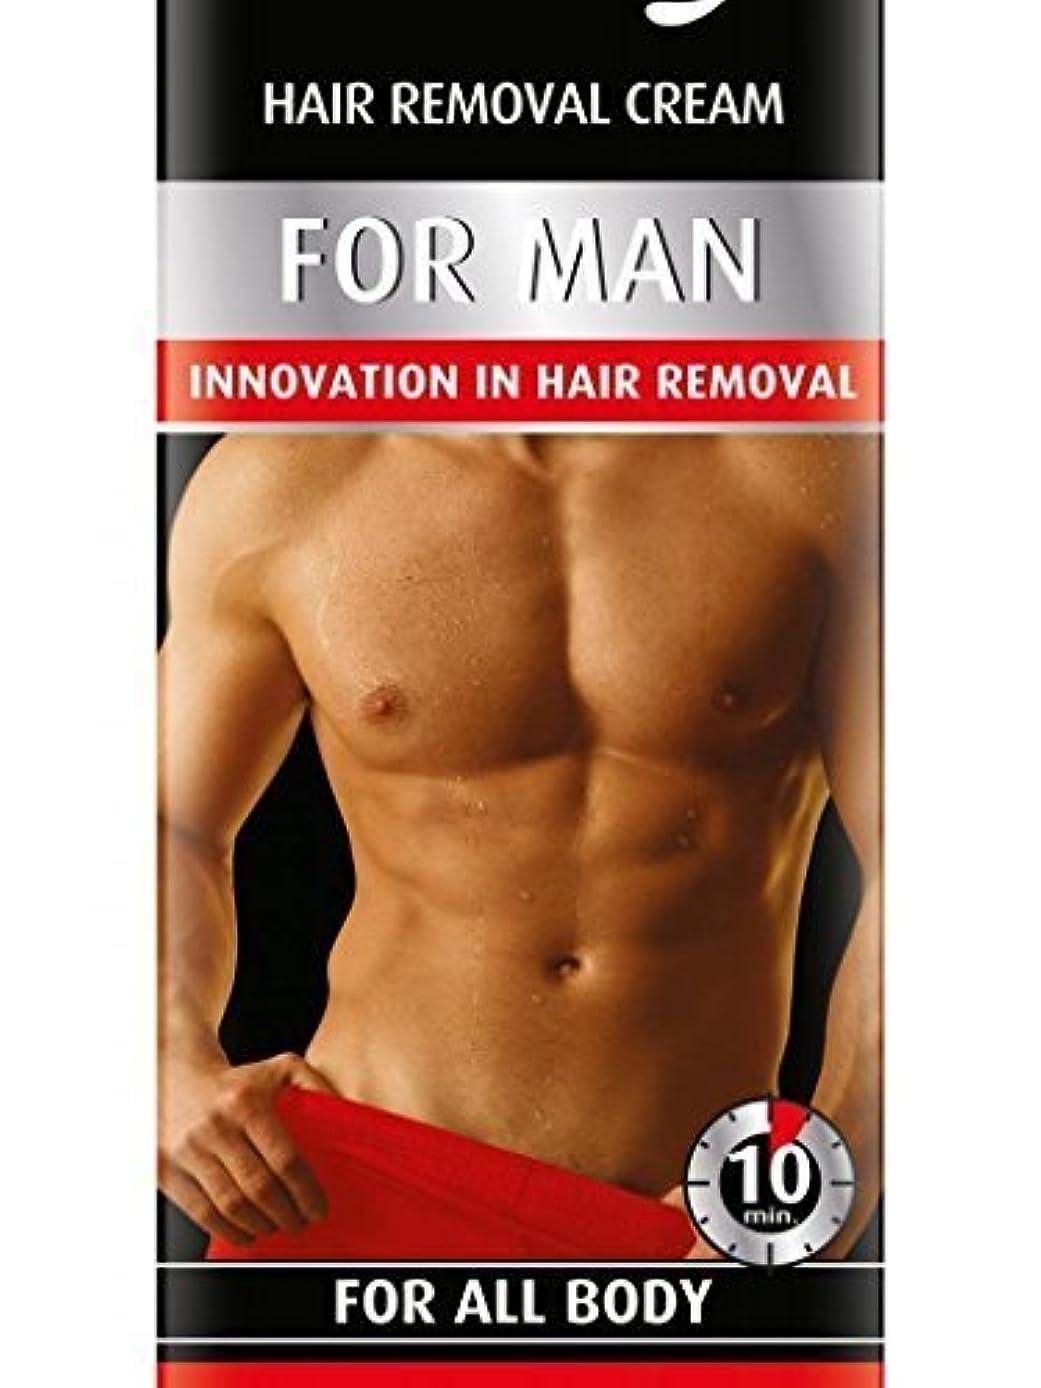 本質的ではない固執スペシャリストHair Removal Cream For Men For All Body 100ml by Bielenda [並行輸入品]